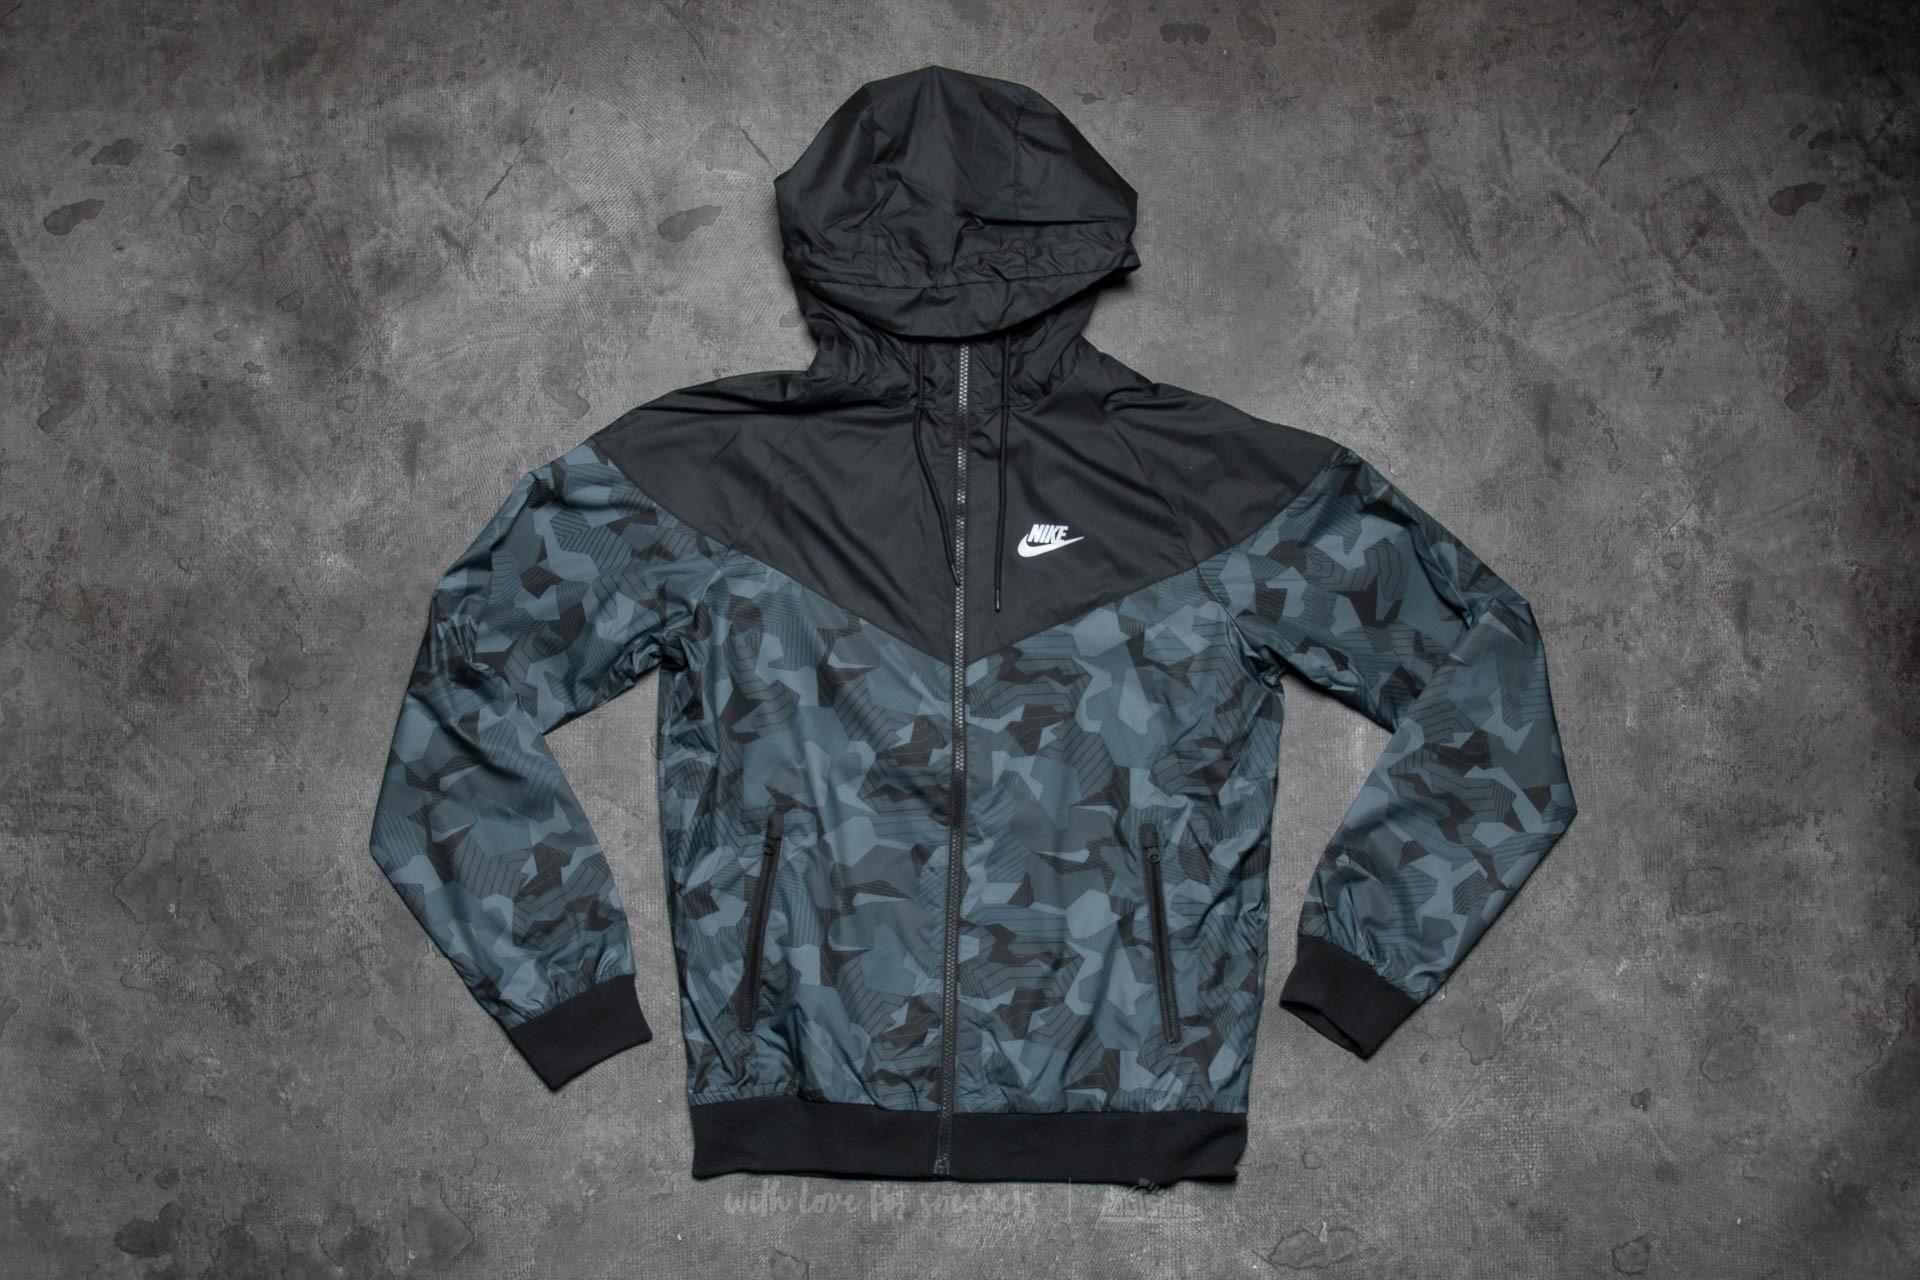 Vestes Nike Windrunner Black | Footshop